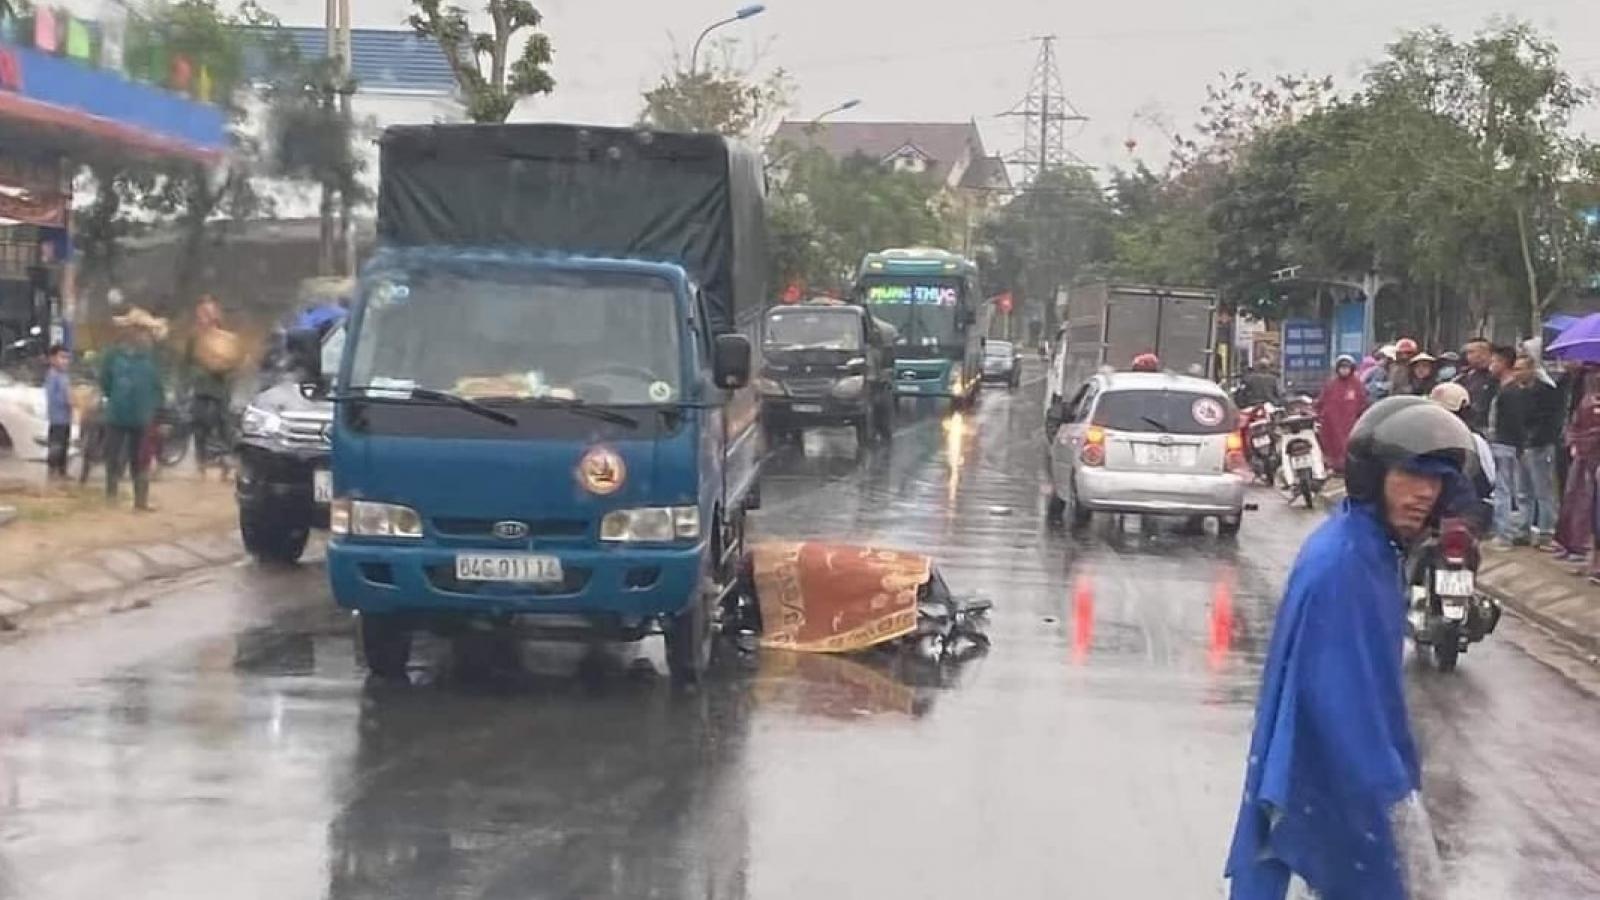 Xe máy va chạm với xe tải trước cổng bệnh viện, 2 thanh niên thương vong